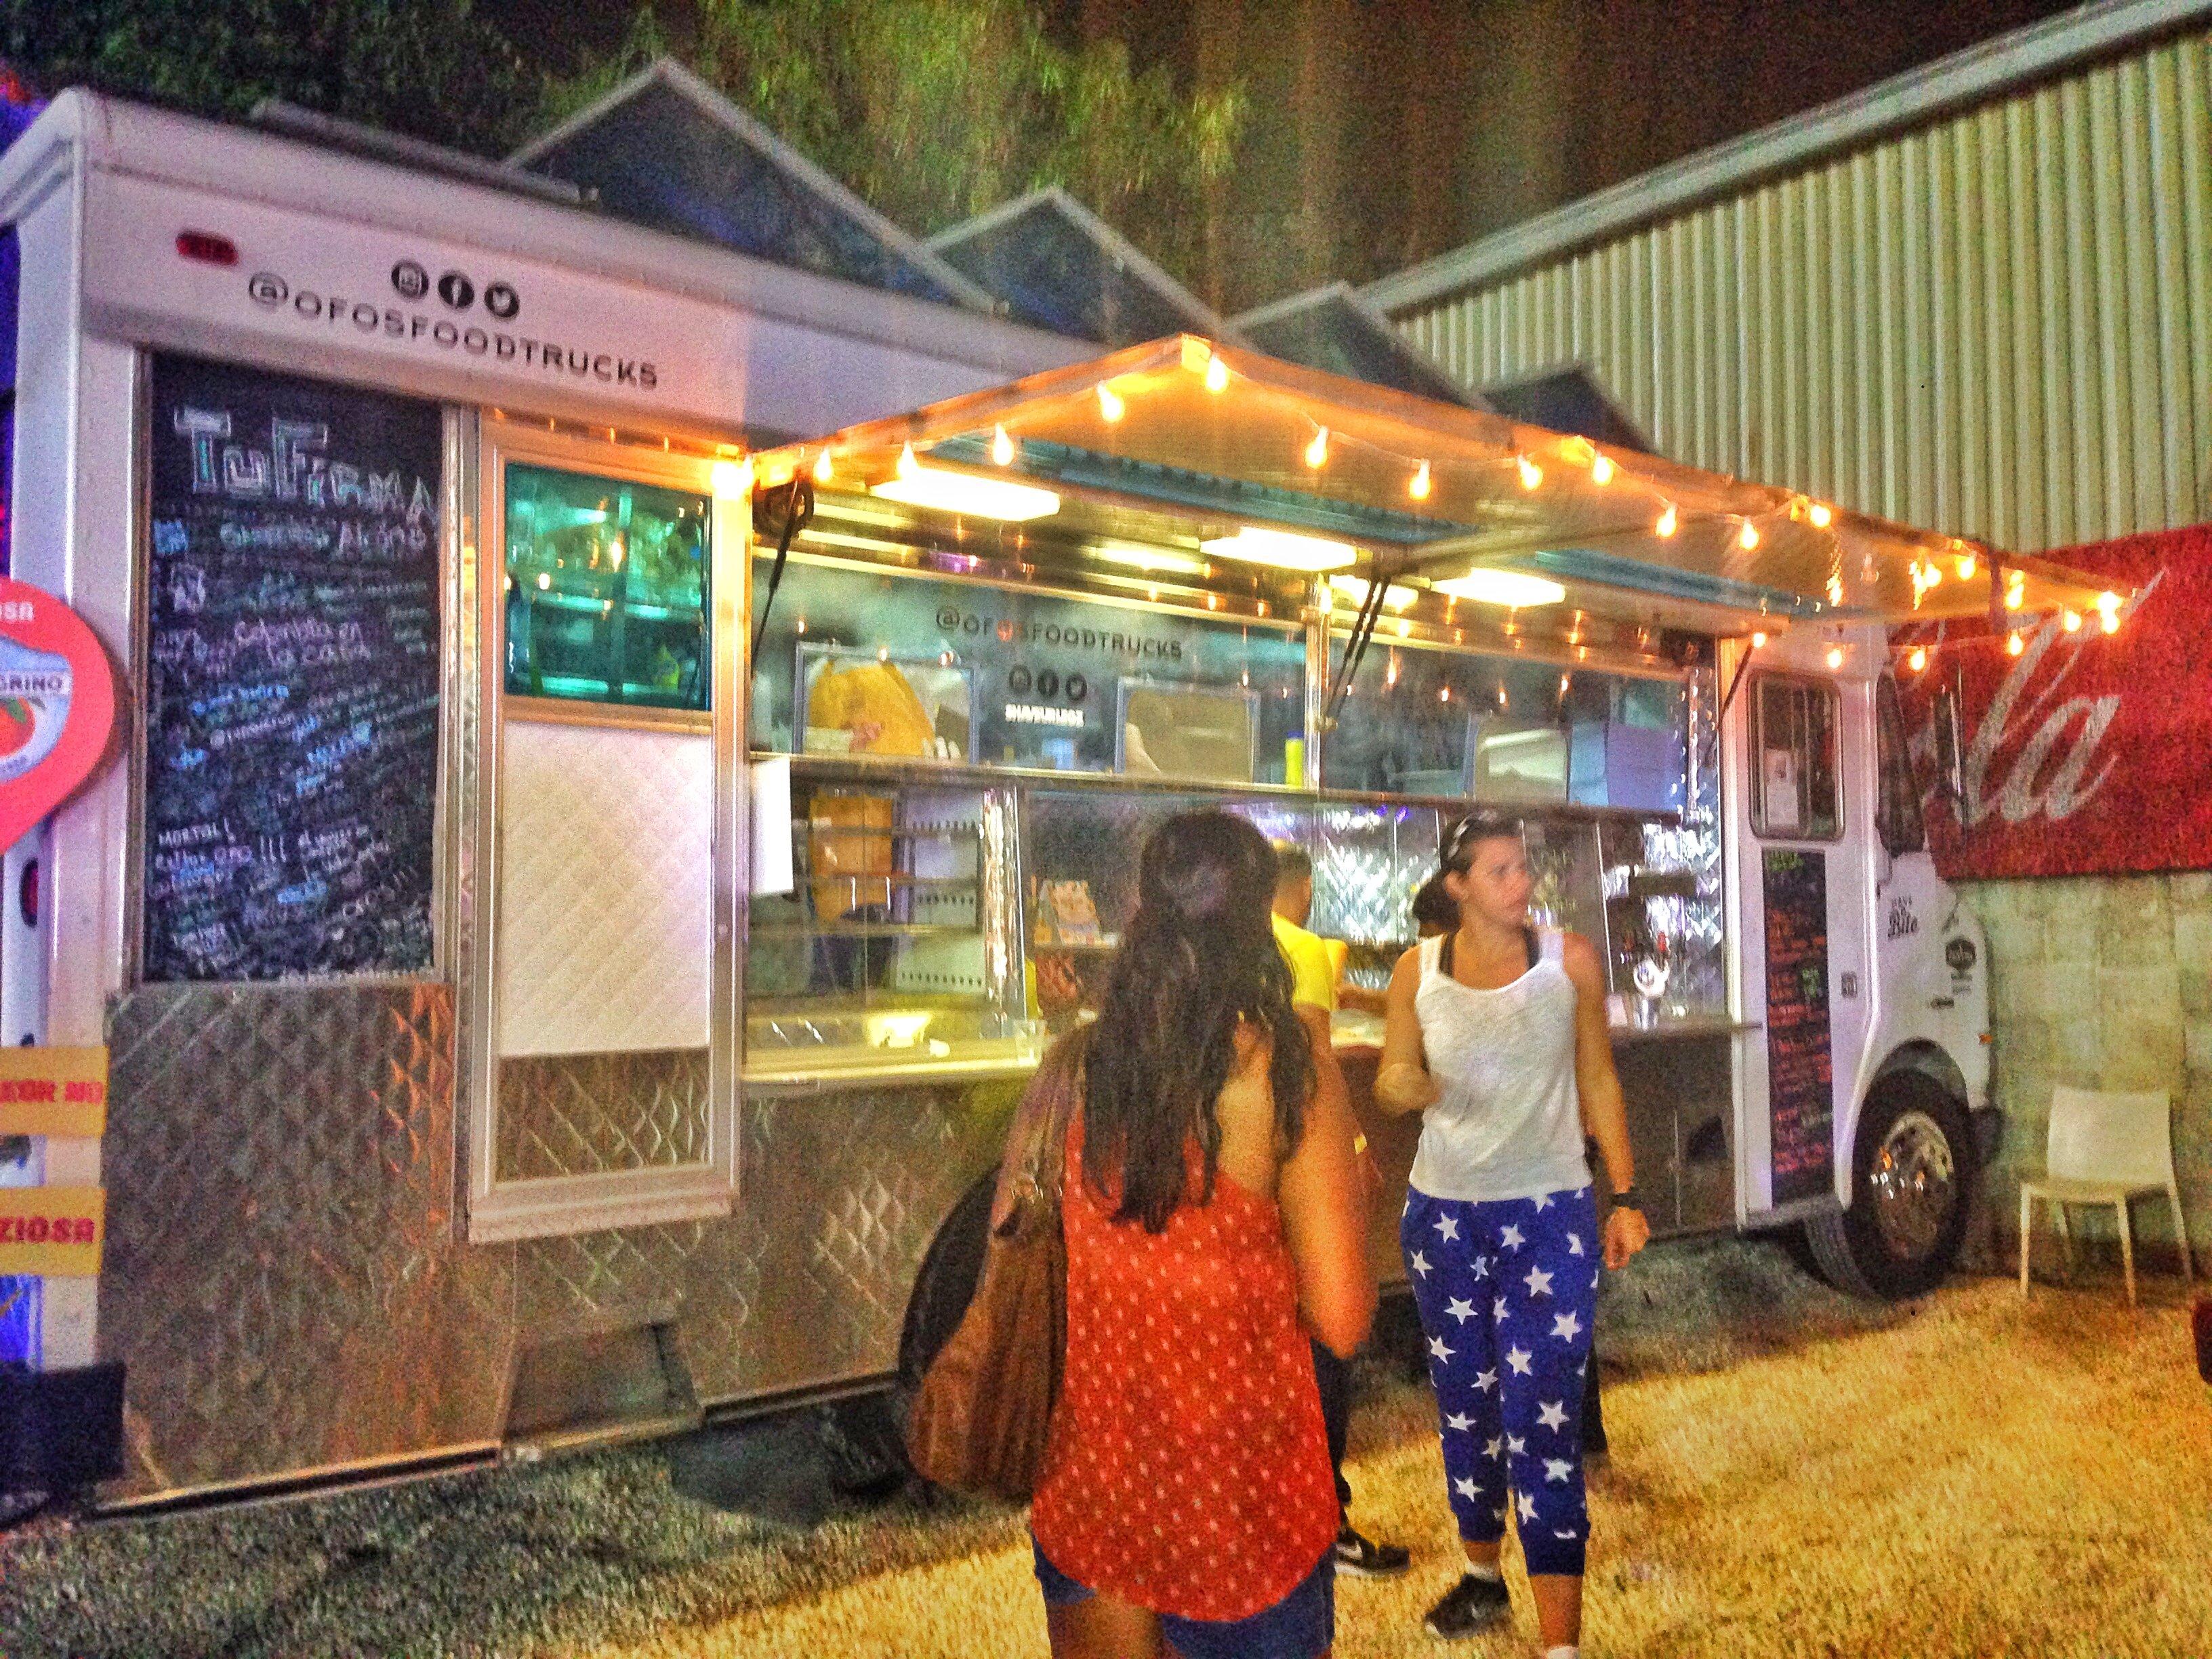 El Food Truck de Ofos